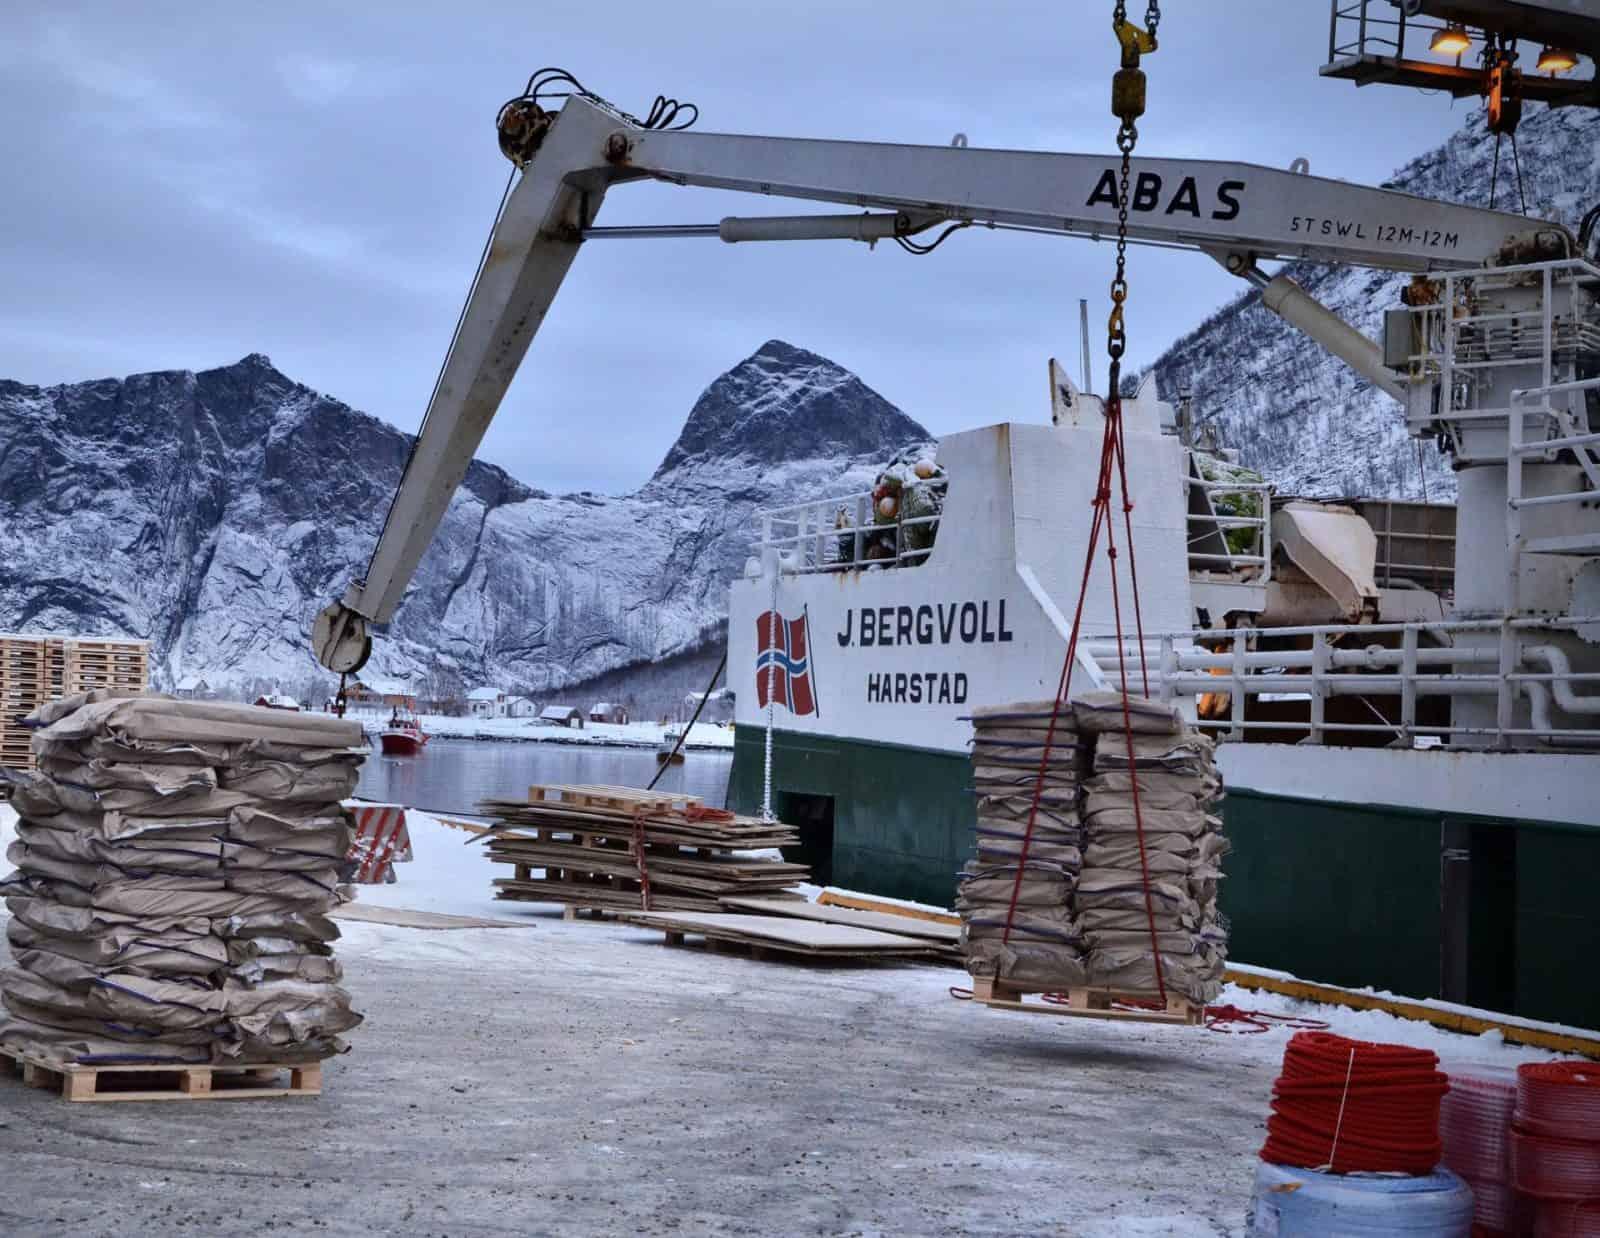 Frossen fisk blir losset av Nergårds tråler J. Bergvoll